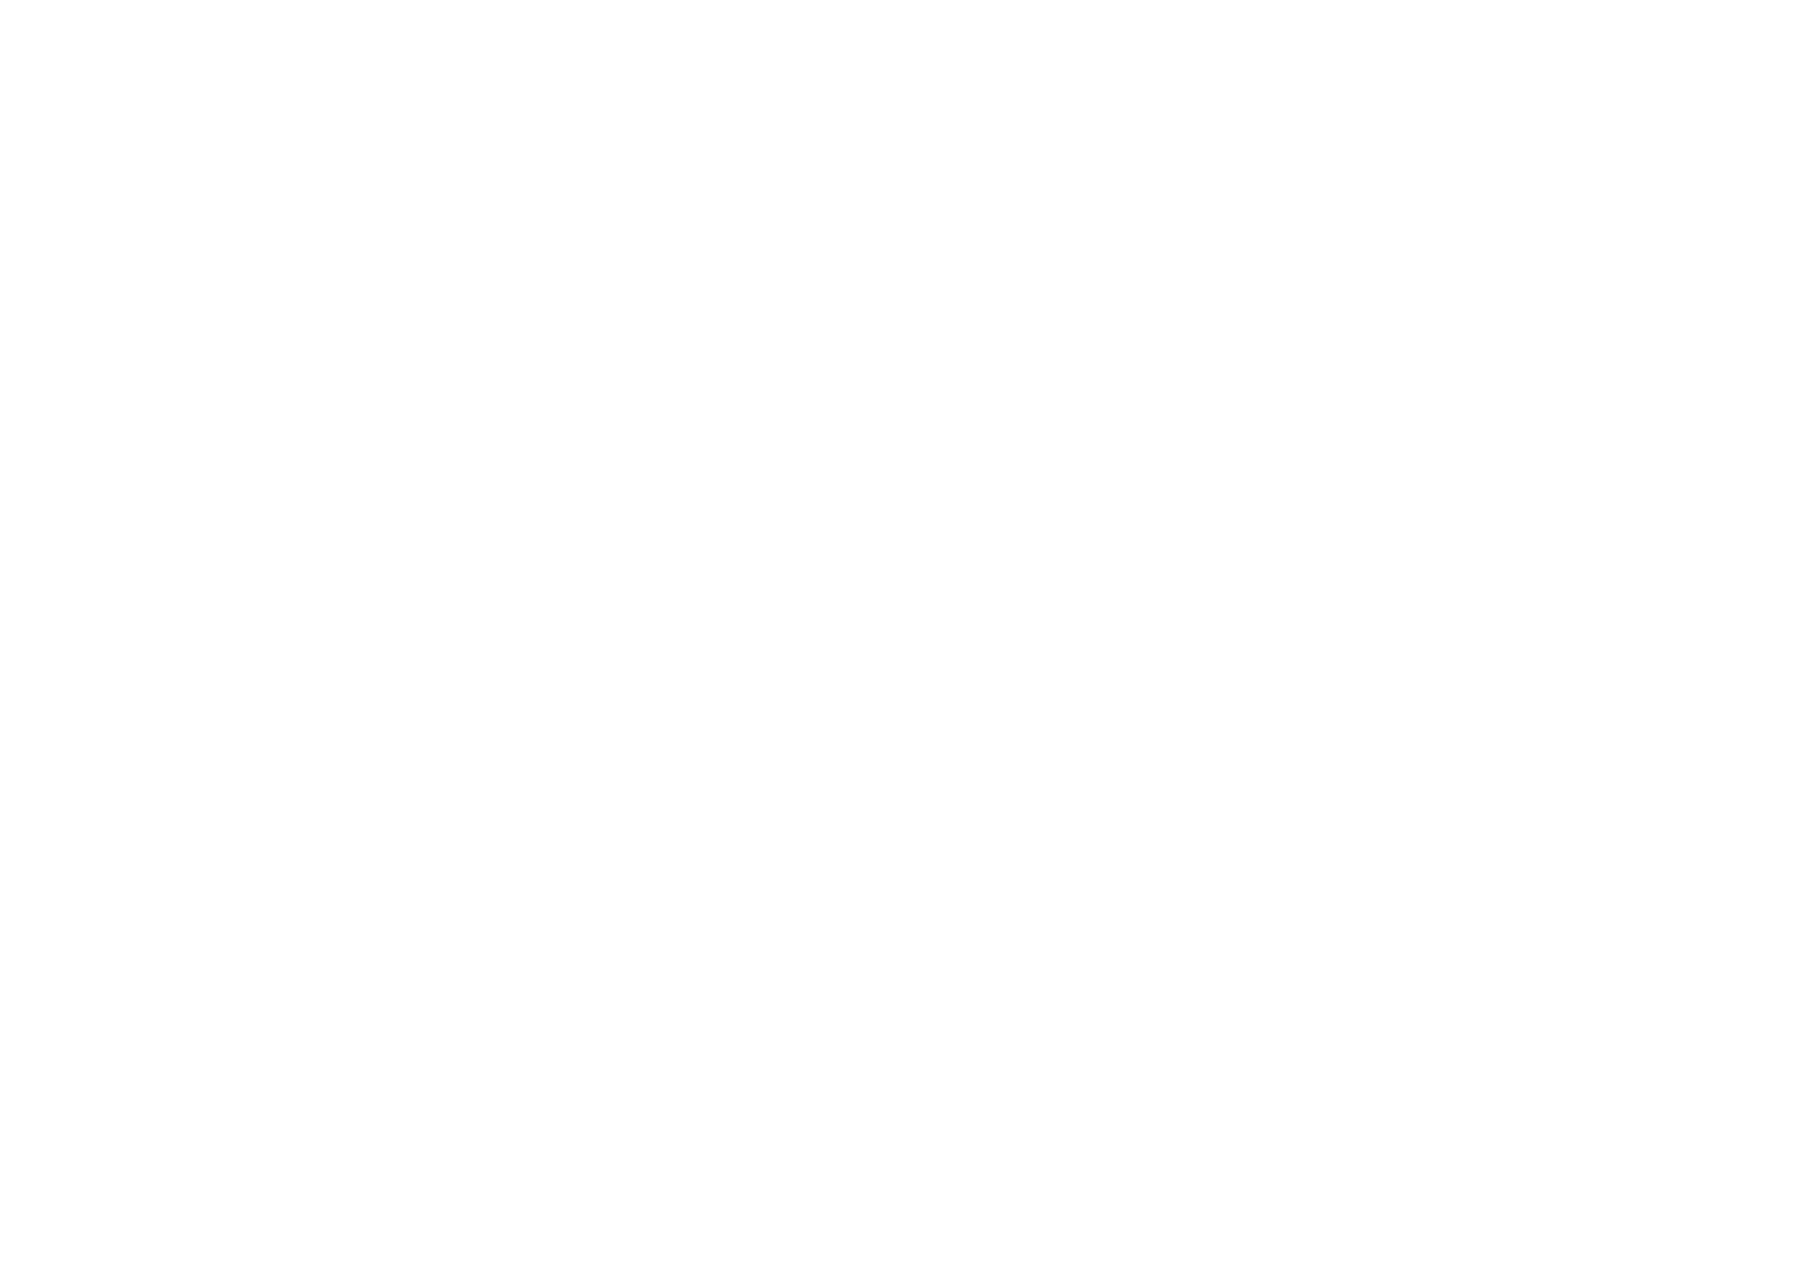 ELZBAU